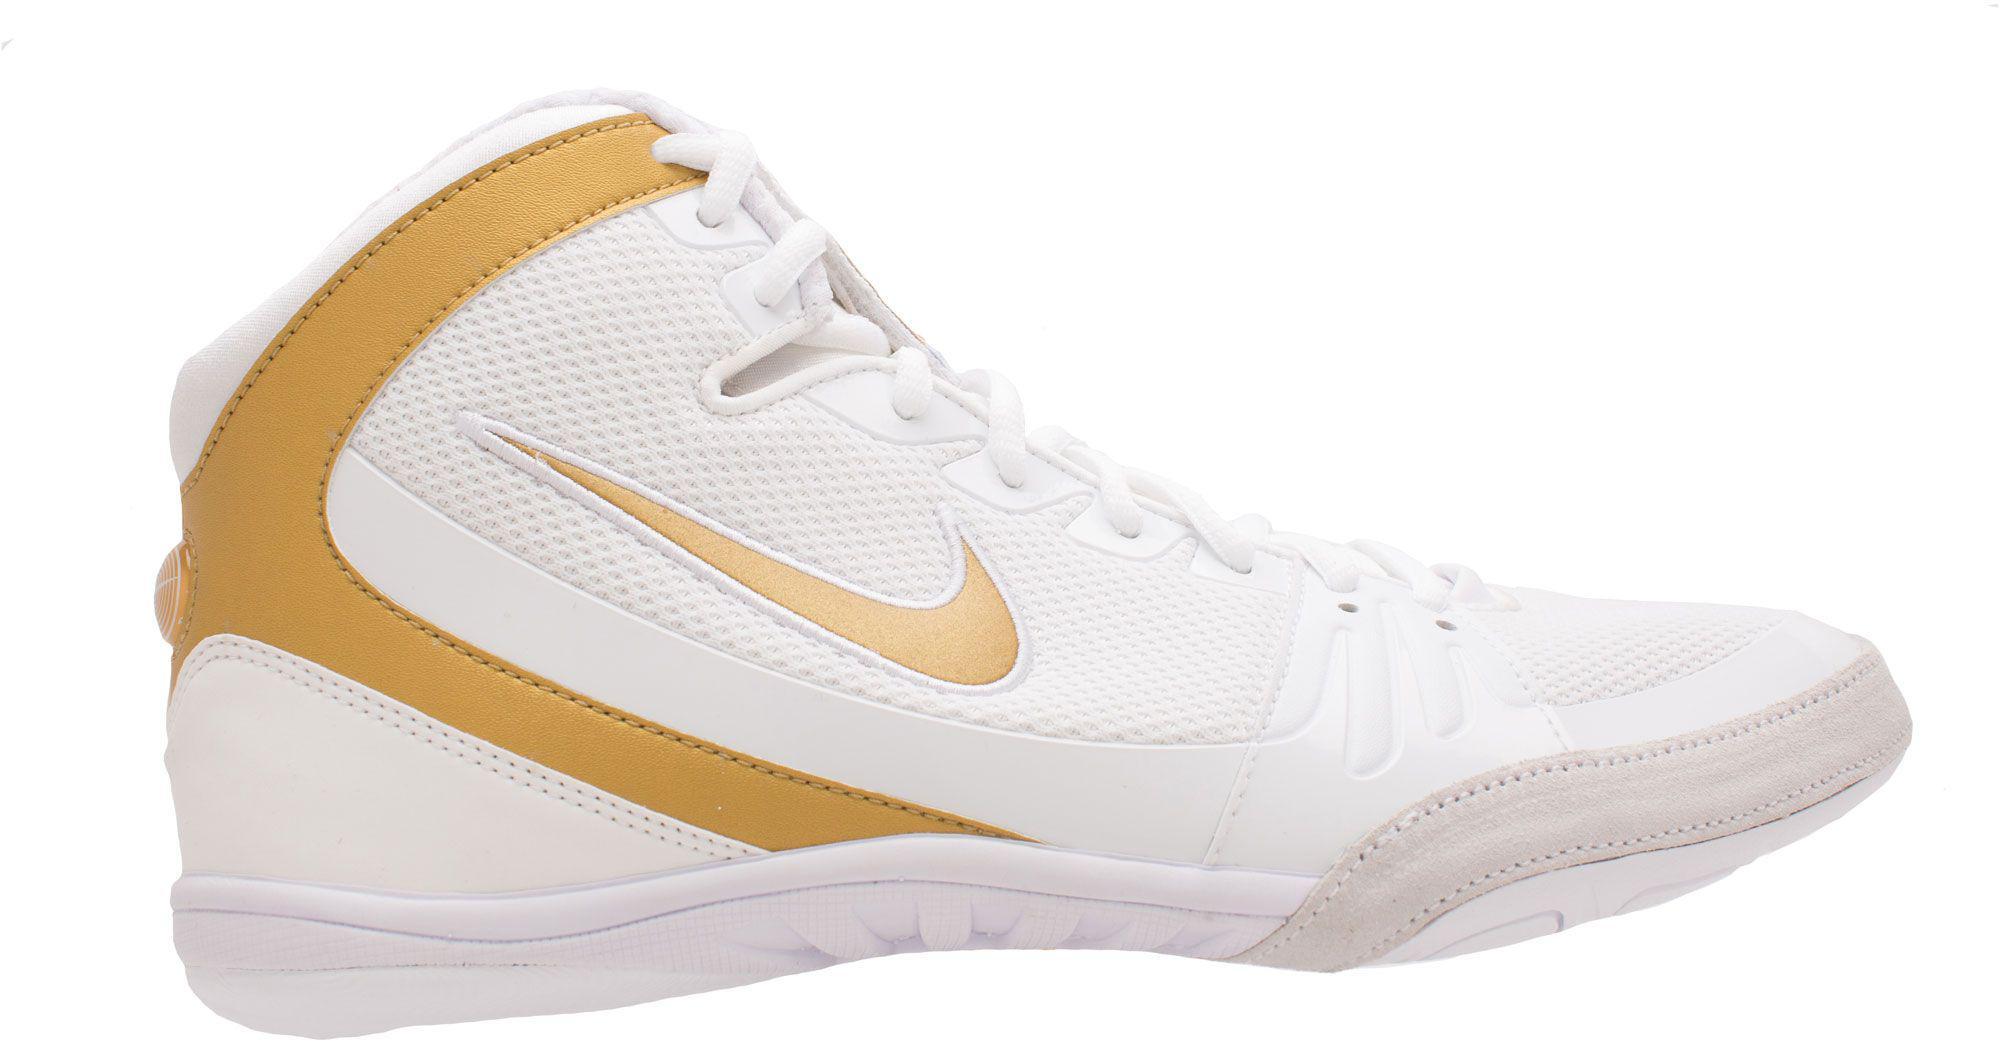 Nike Lace Freek Wrestling Shoes in